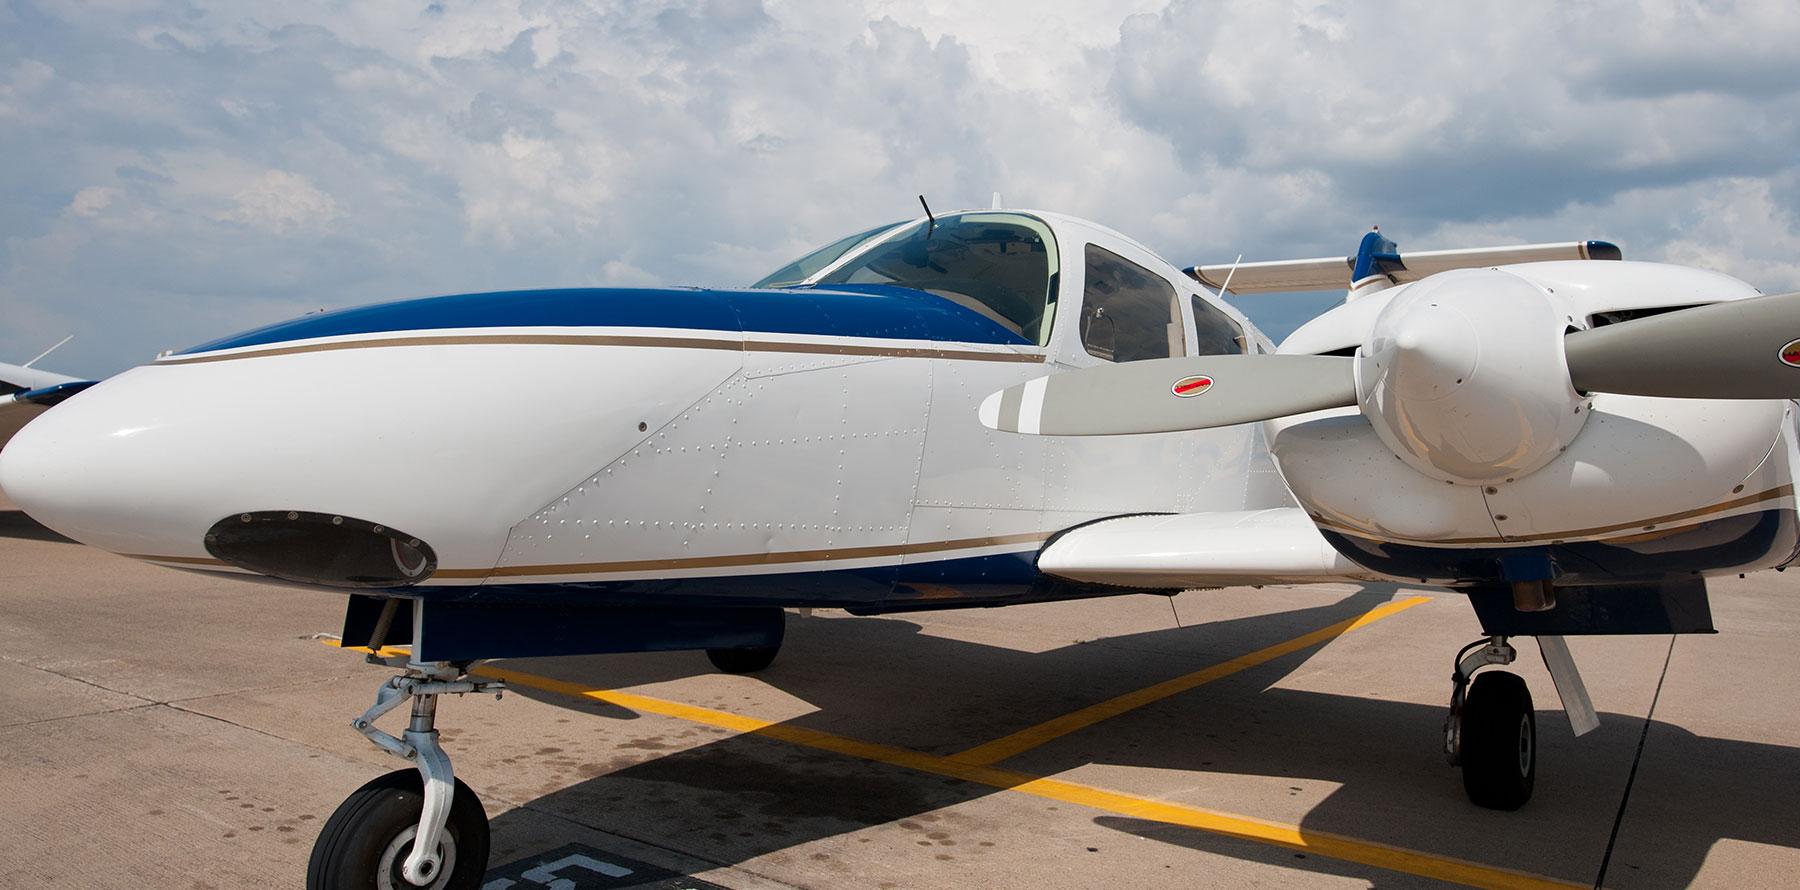 Skymates - Part 141 Flight School in Texas « JAA DGCA FAA US